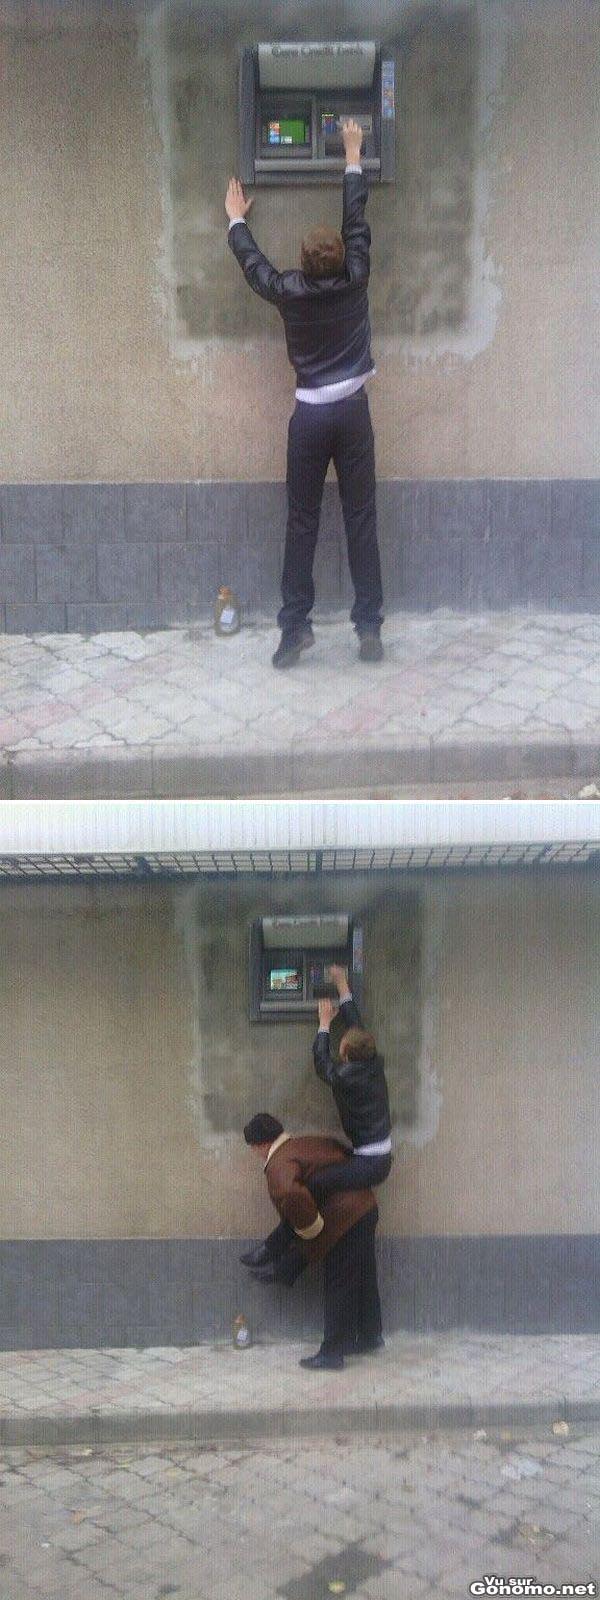 Sacrement peu pratique ce distributeur automatique place a deux metres de hauteur ! :(